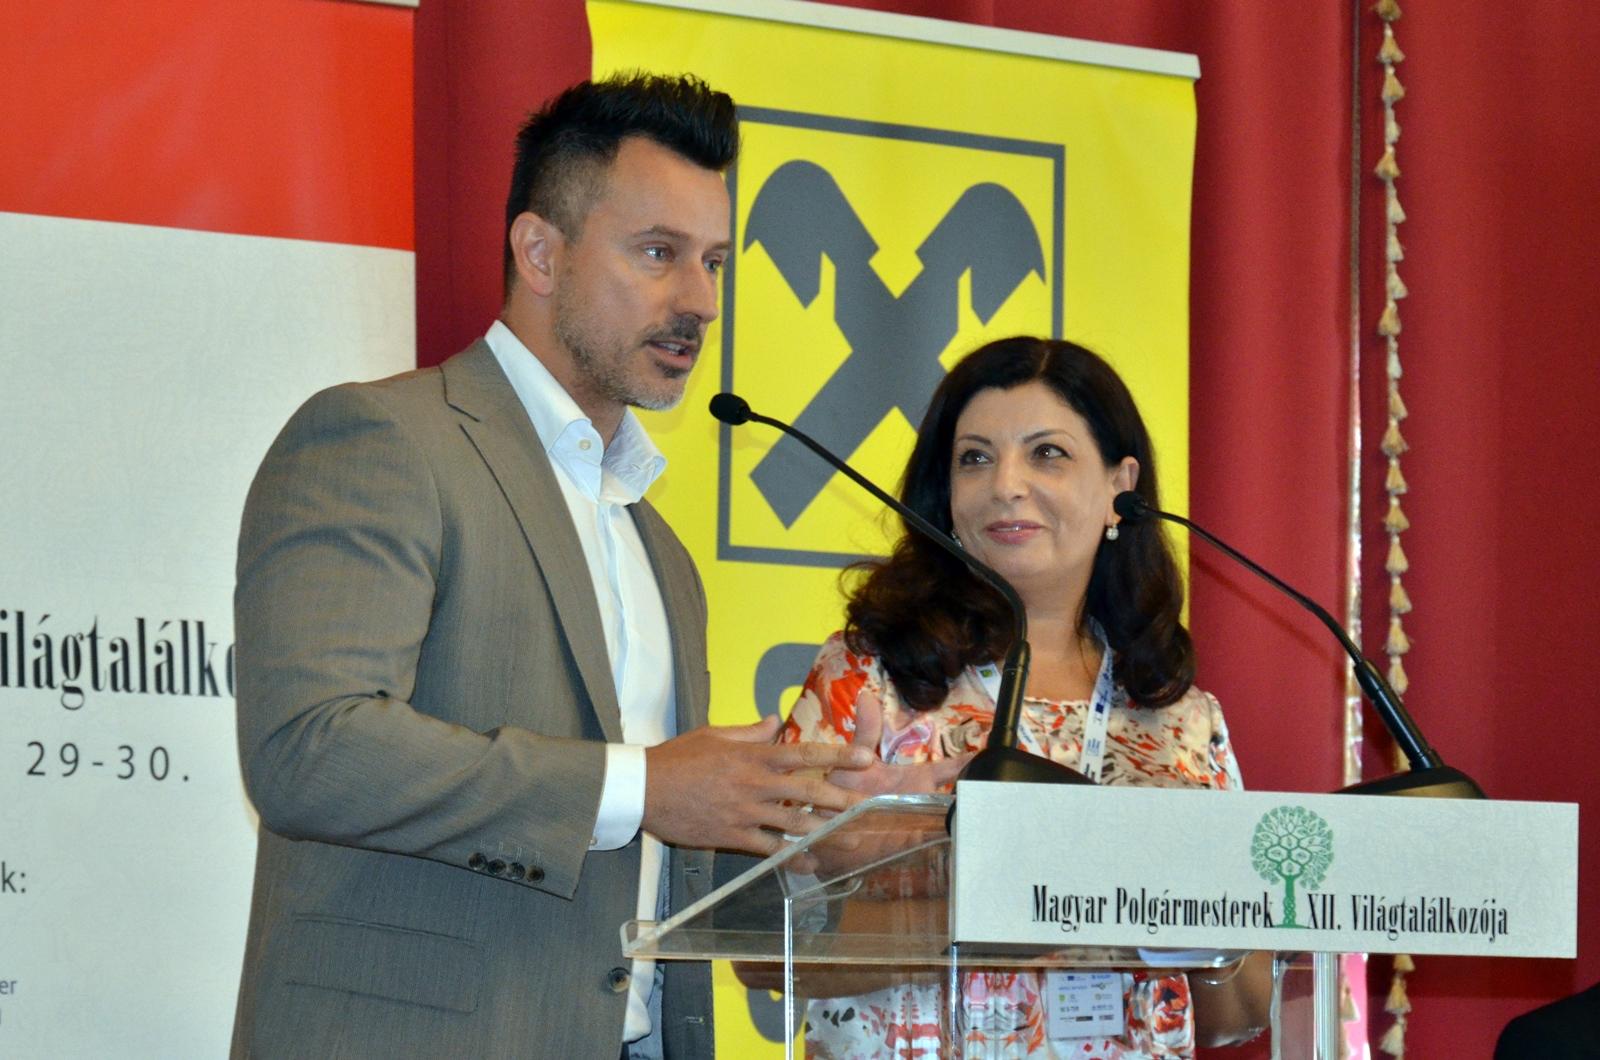 Magyar Polgármesterek XII. Világtalálkozója: A polgárok többsége szereti tudni, mi miért történik